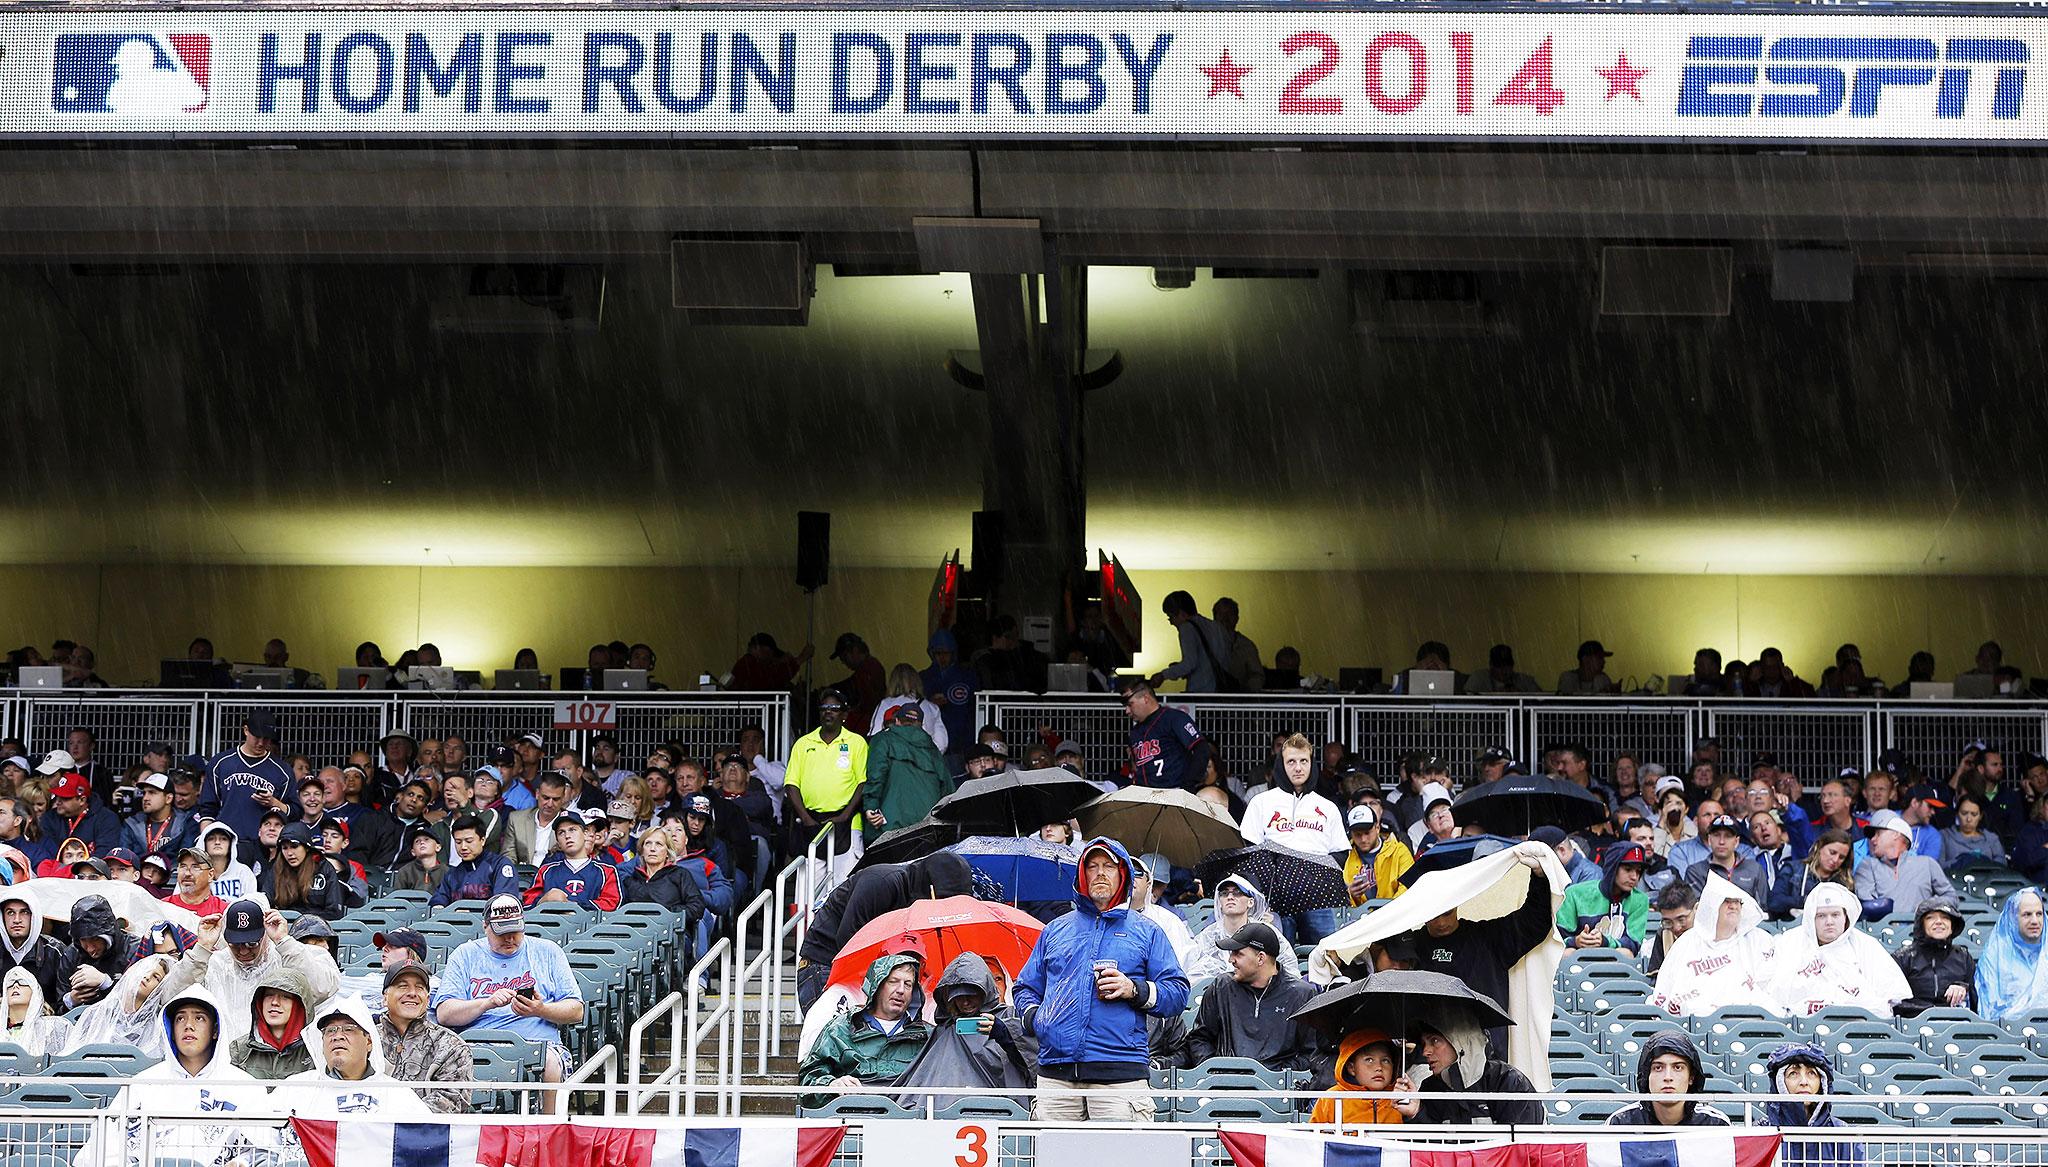 Fans in rain